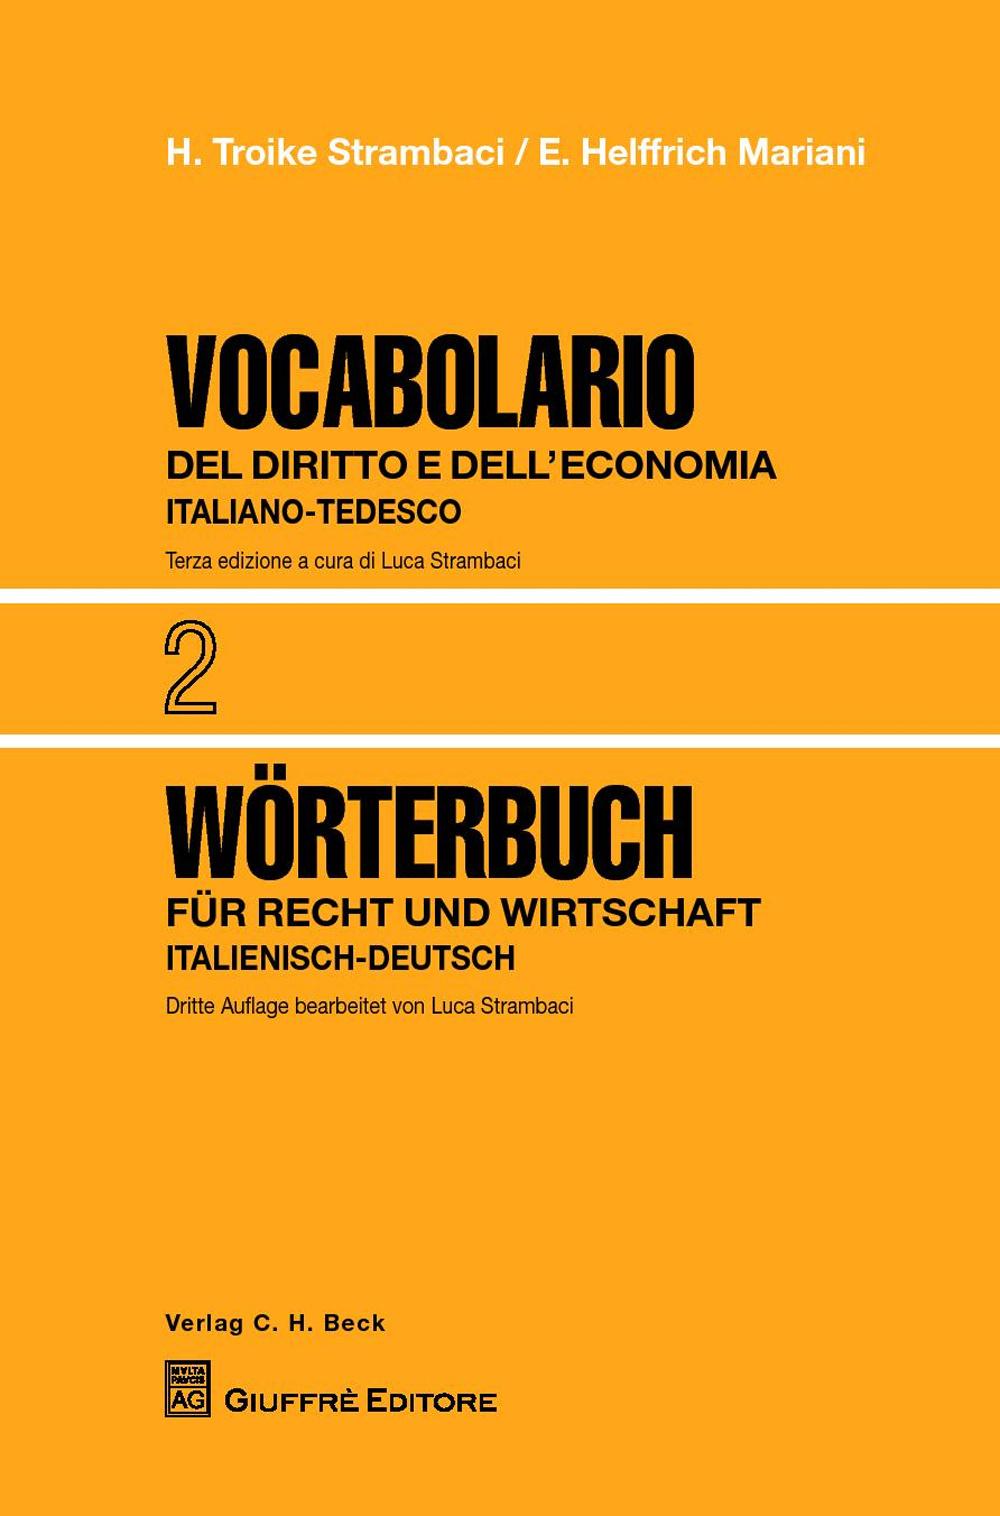 Vocabolario del diritto e dell'economia. Vol. 2: Italiano-Tedesco.